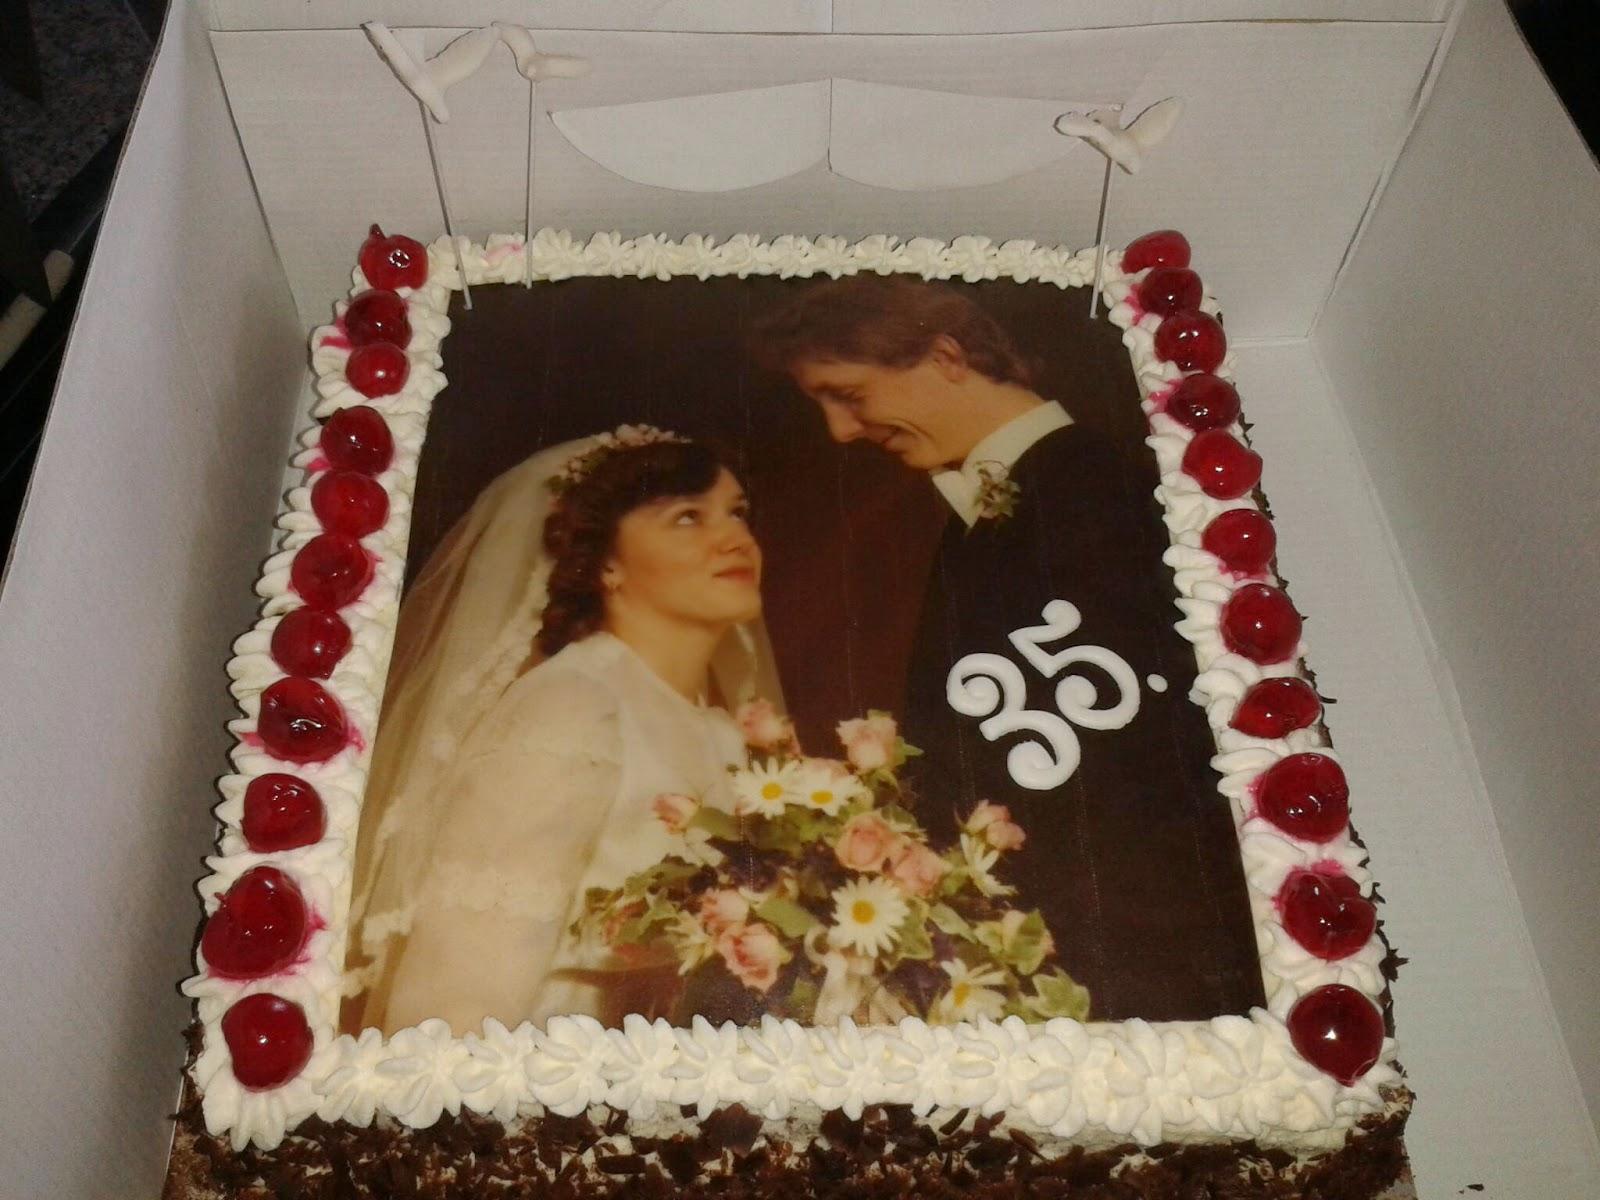 Kruedesign Cakeworld April 2014 Schwarzwalderkirsch Hochzeitstorte